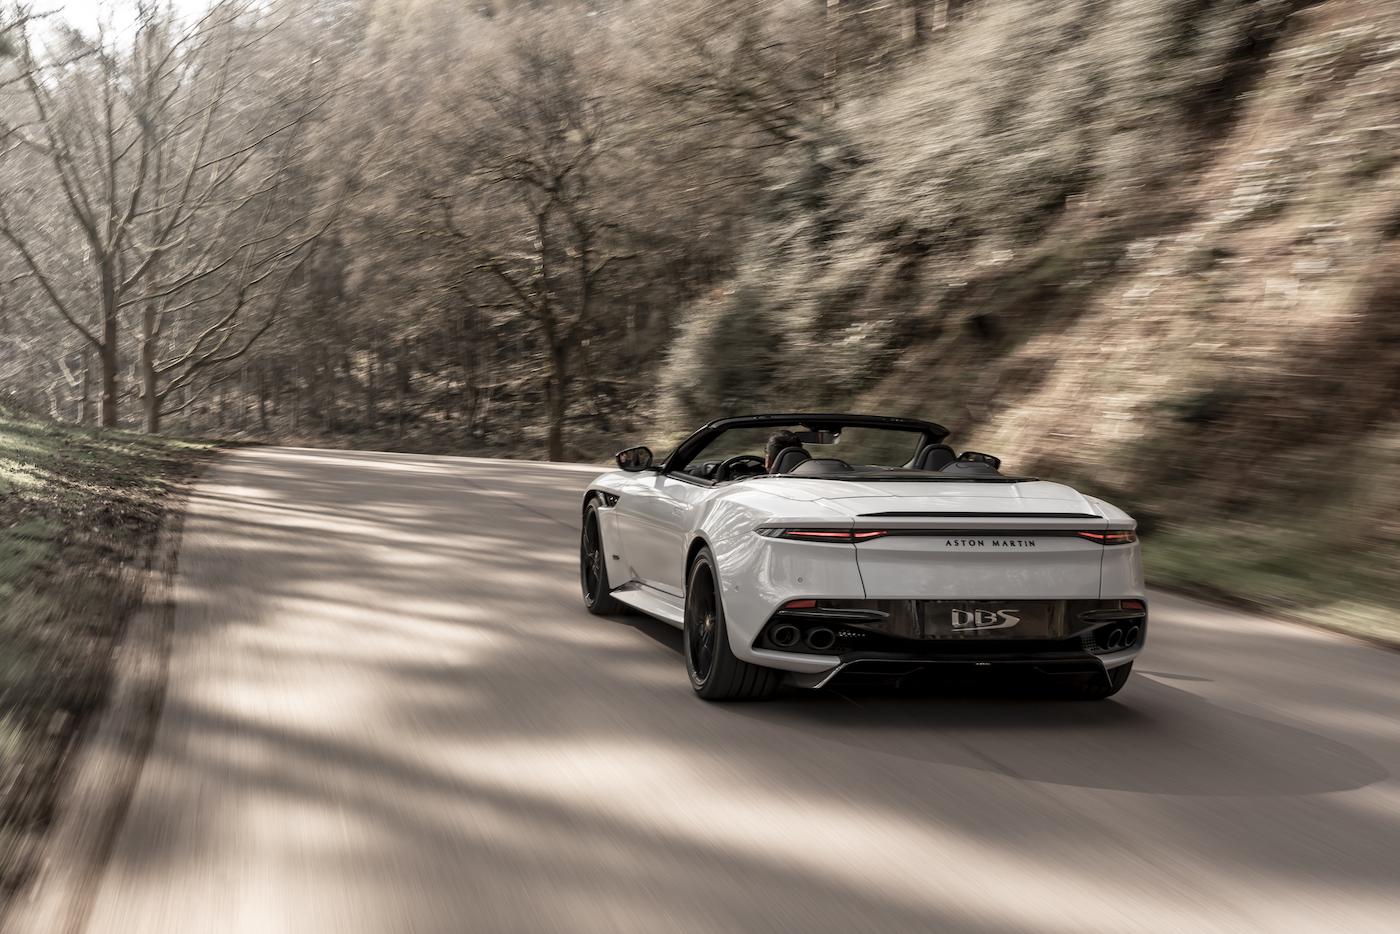 Aston Martin DBS Superleggera Volante: Ein Supersport-Cabrio mit 725 PS 11